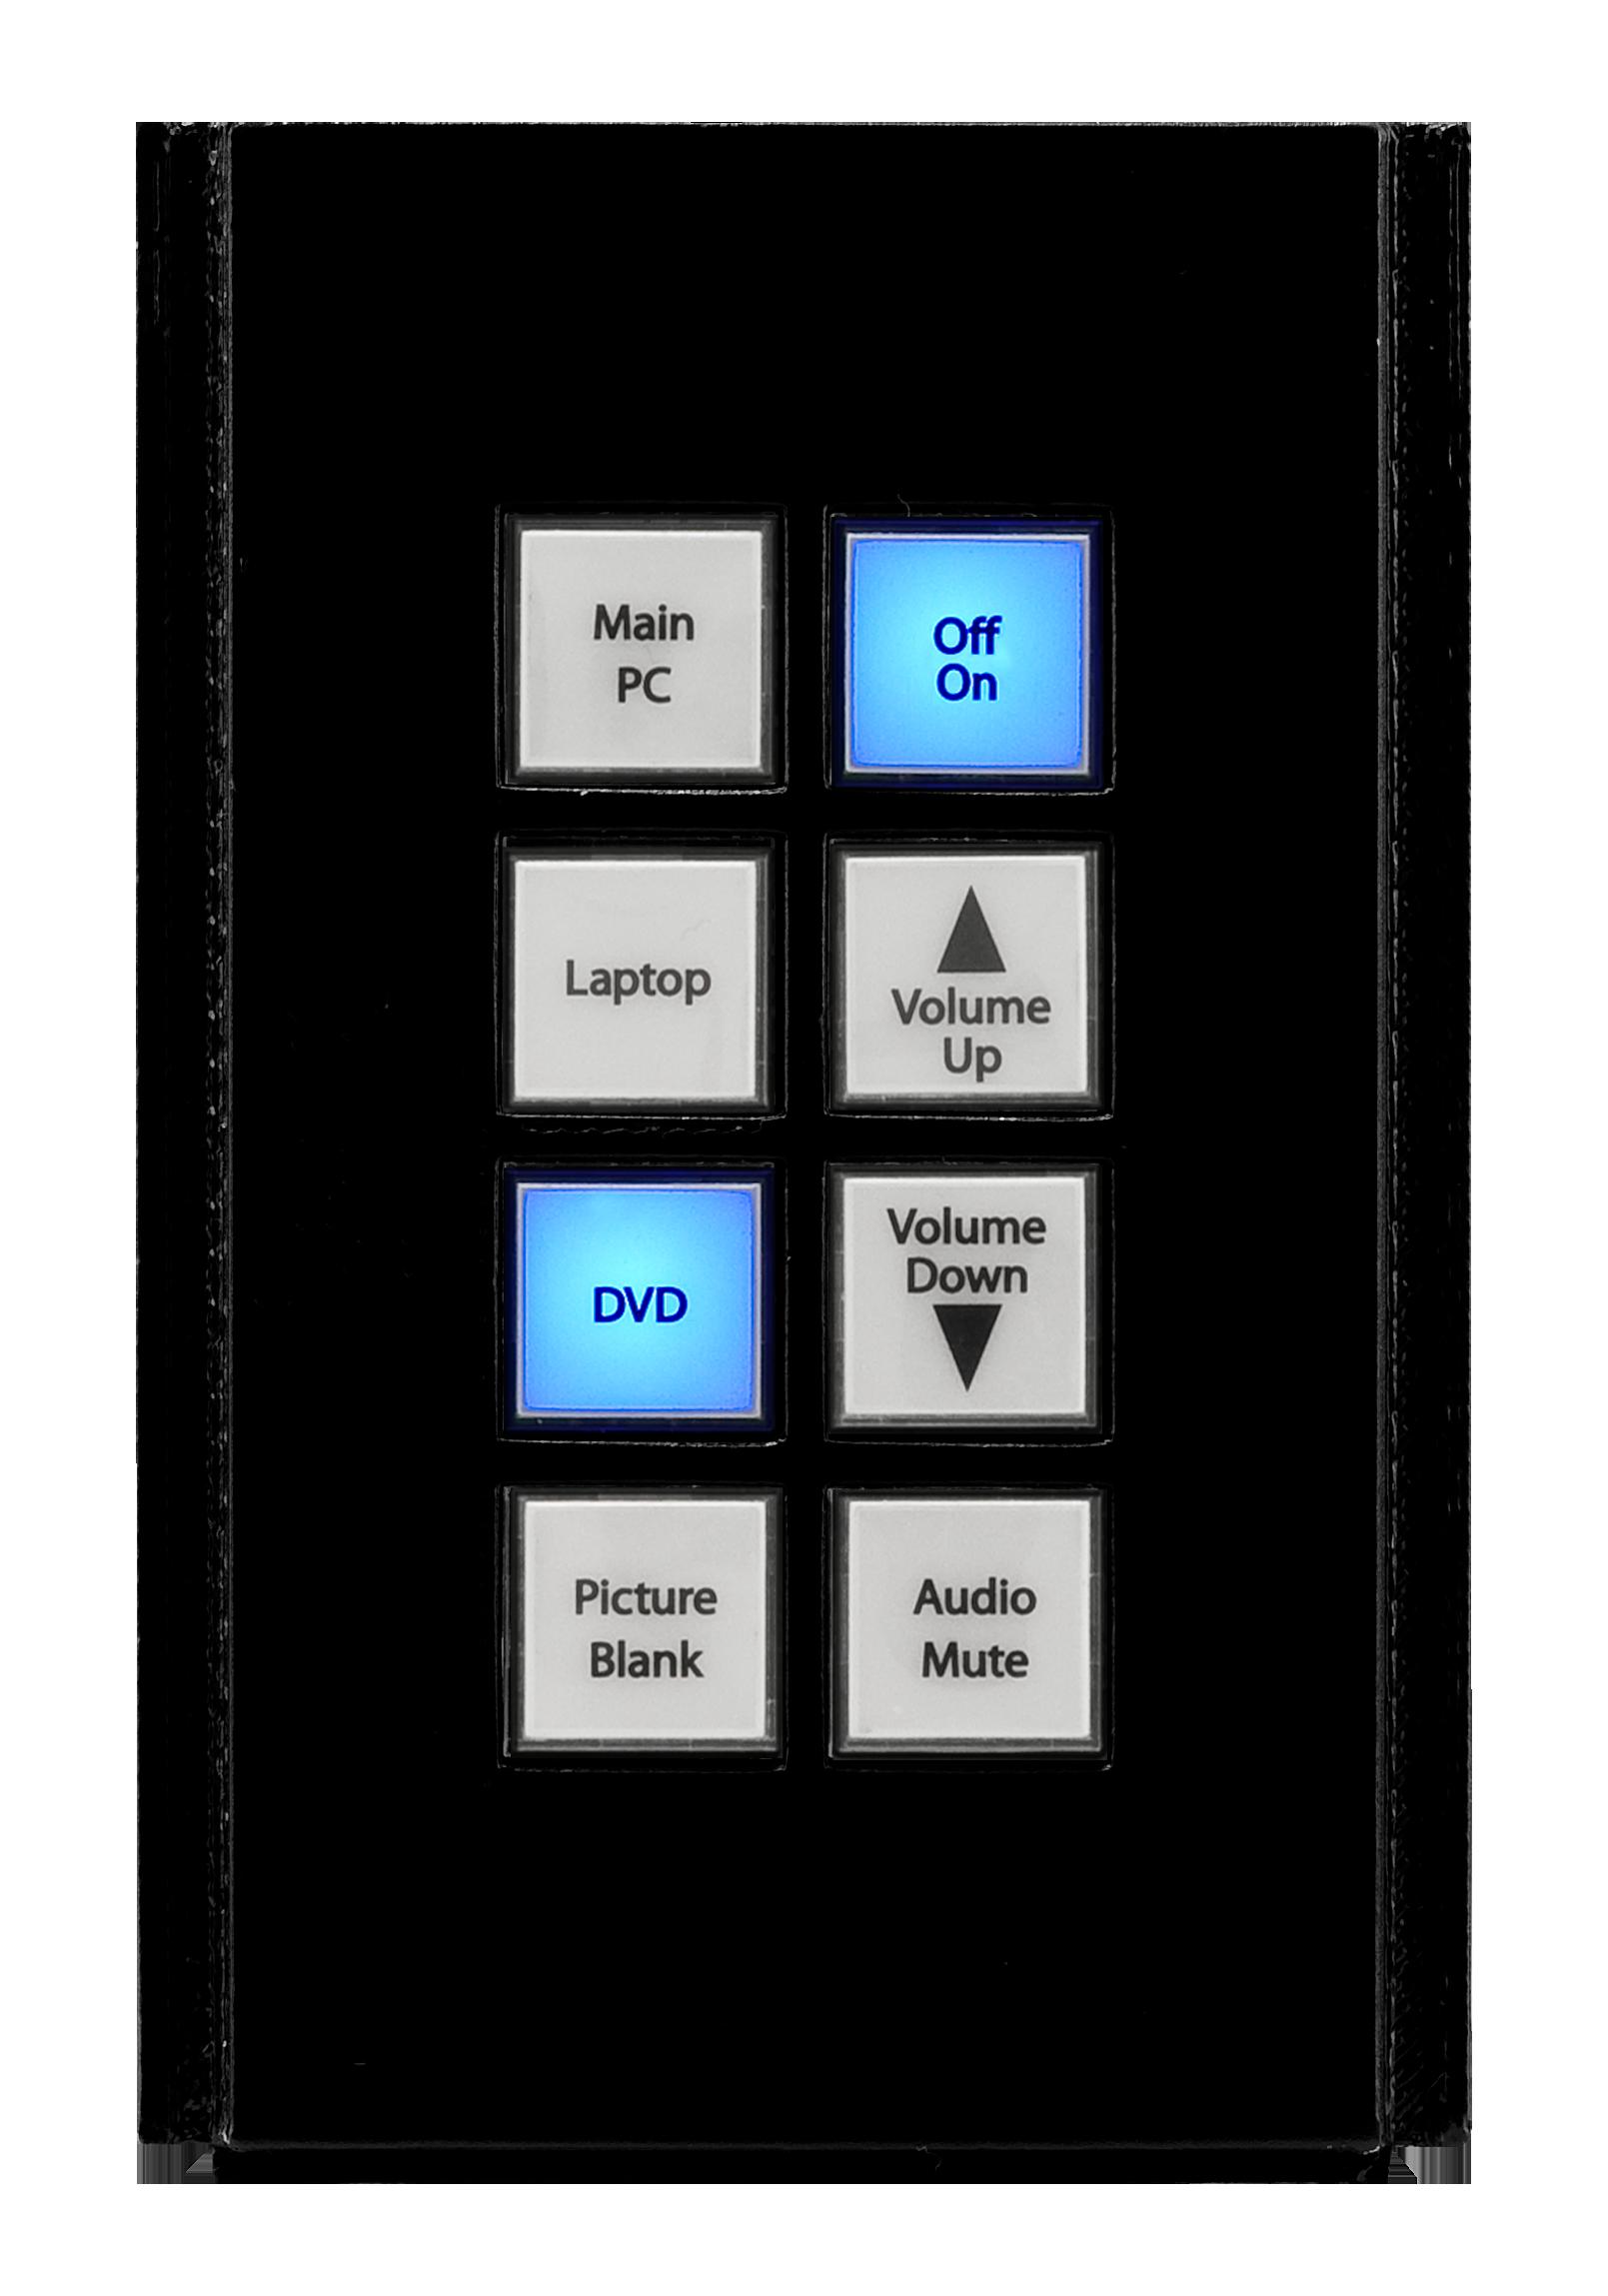 HPX-U400-SP-08-AX - Front